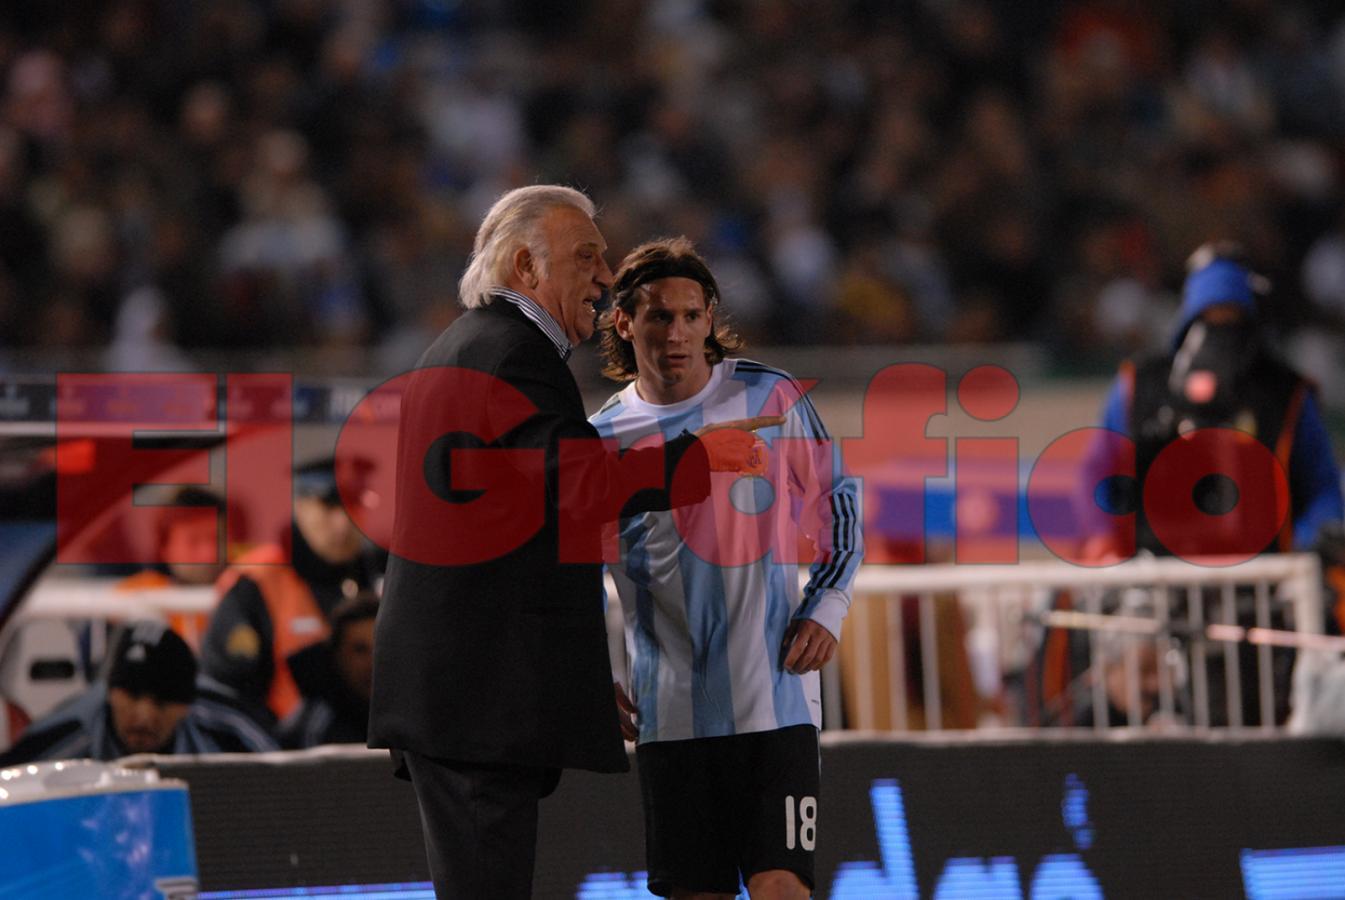 Basile y Messi en las eliminatorias para el Mundial 2010